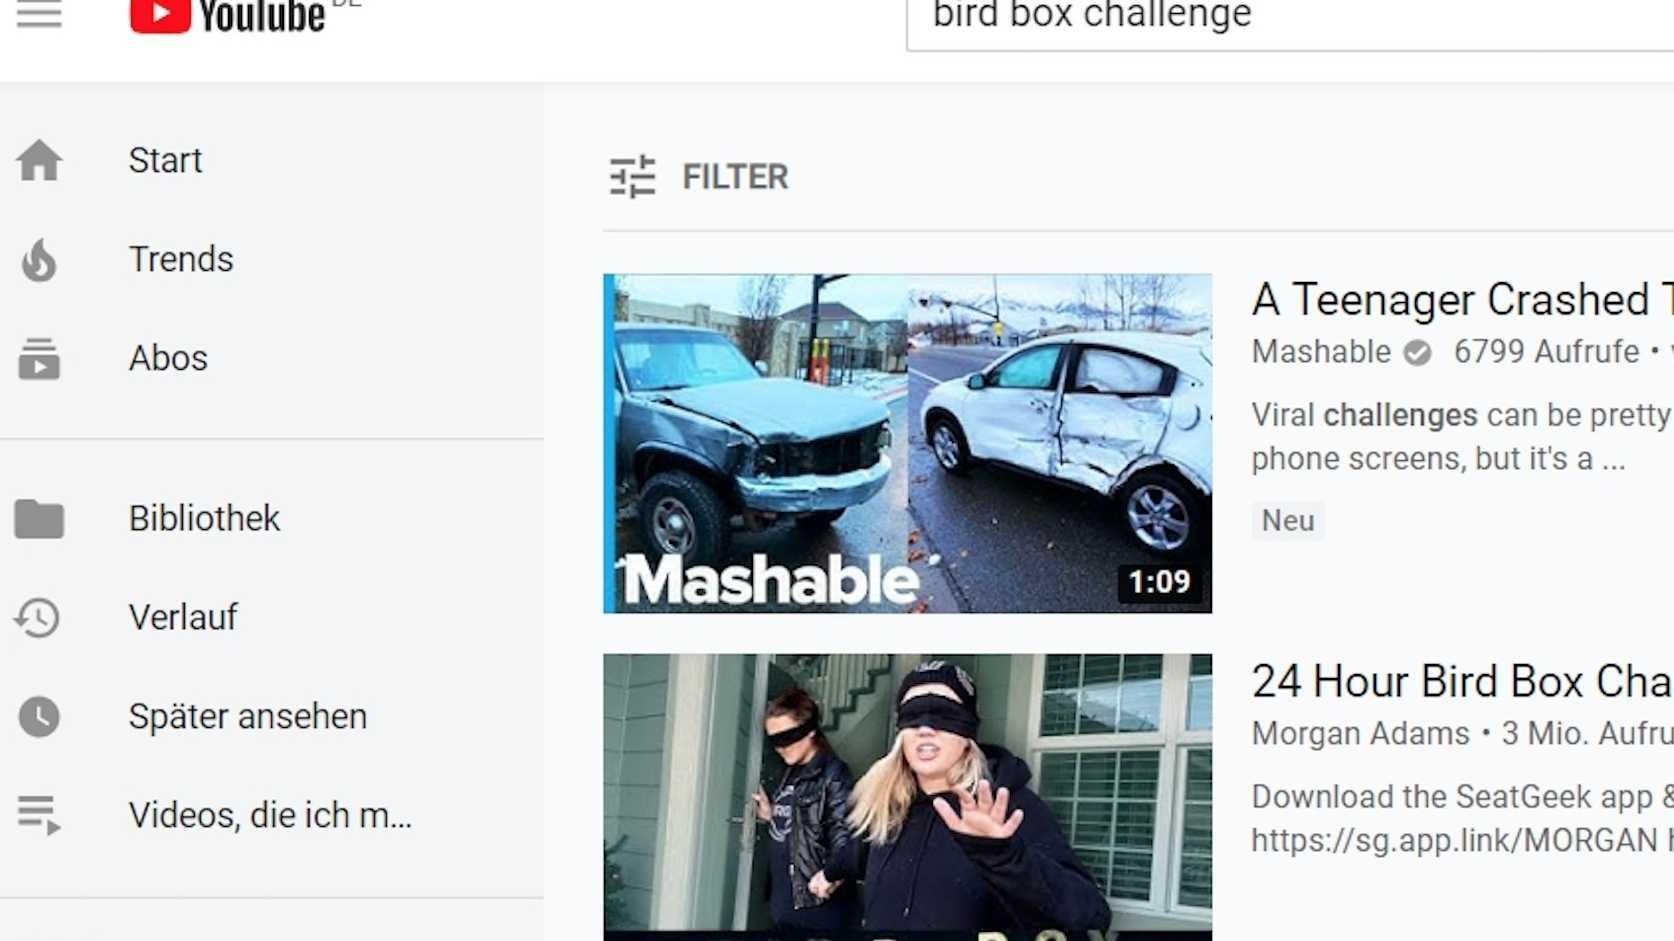 YouTube verbietet gefährliche Challenges und Pranks in Videos